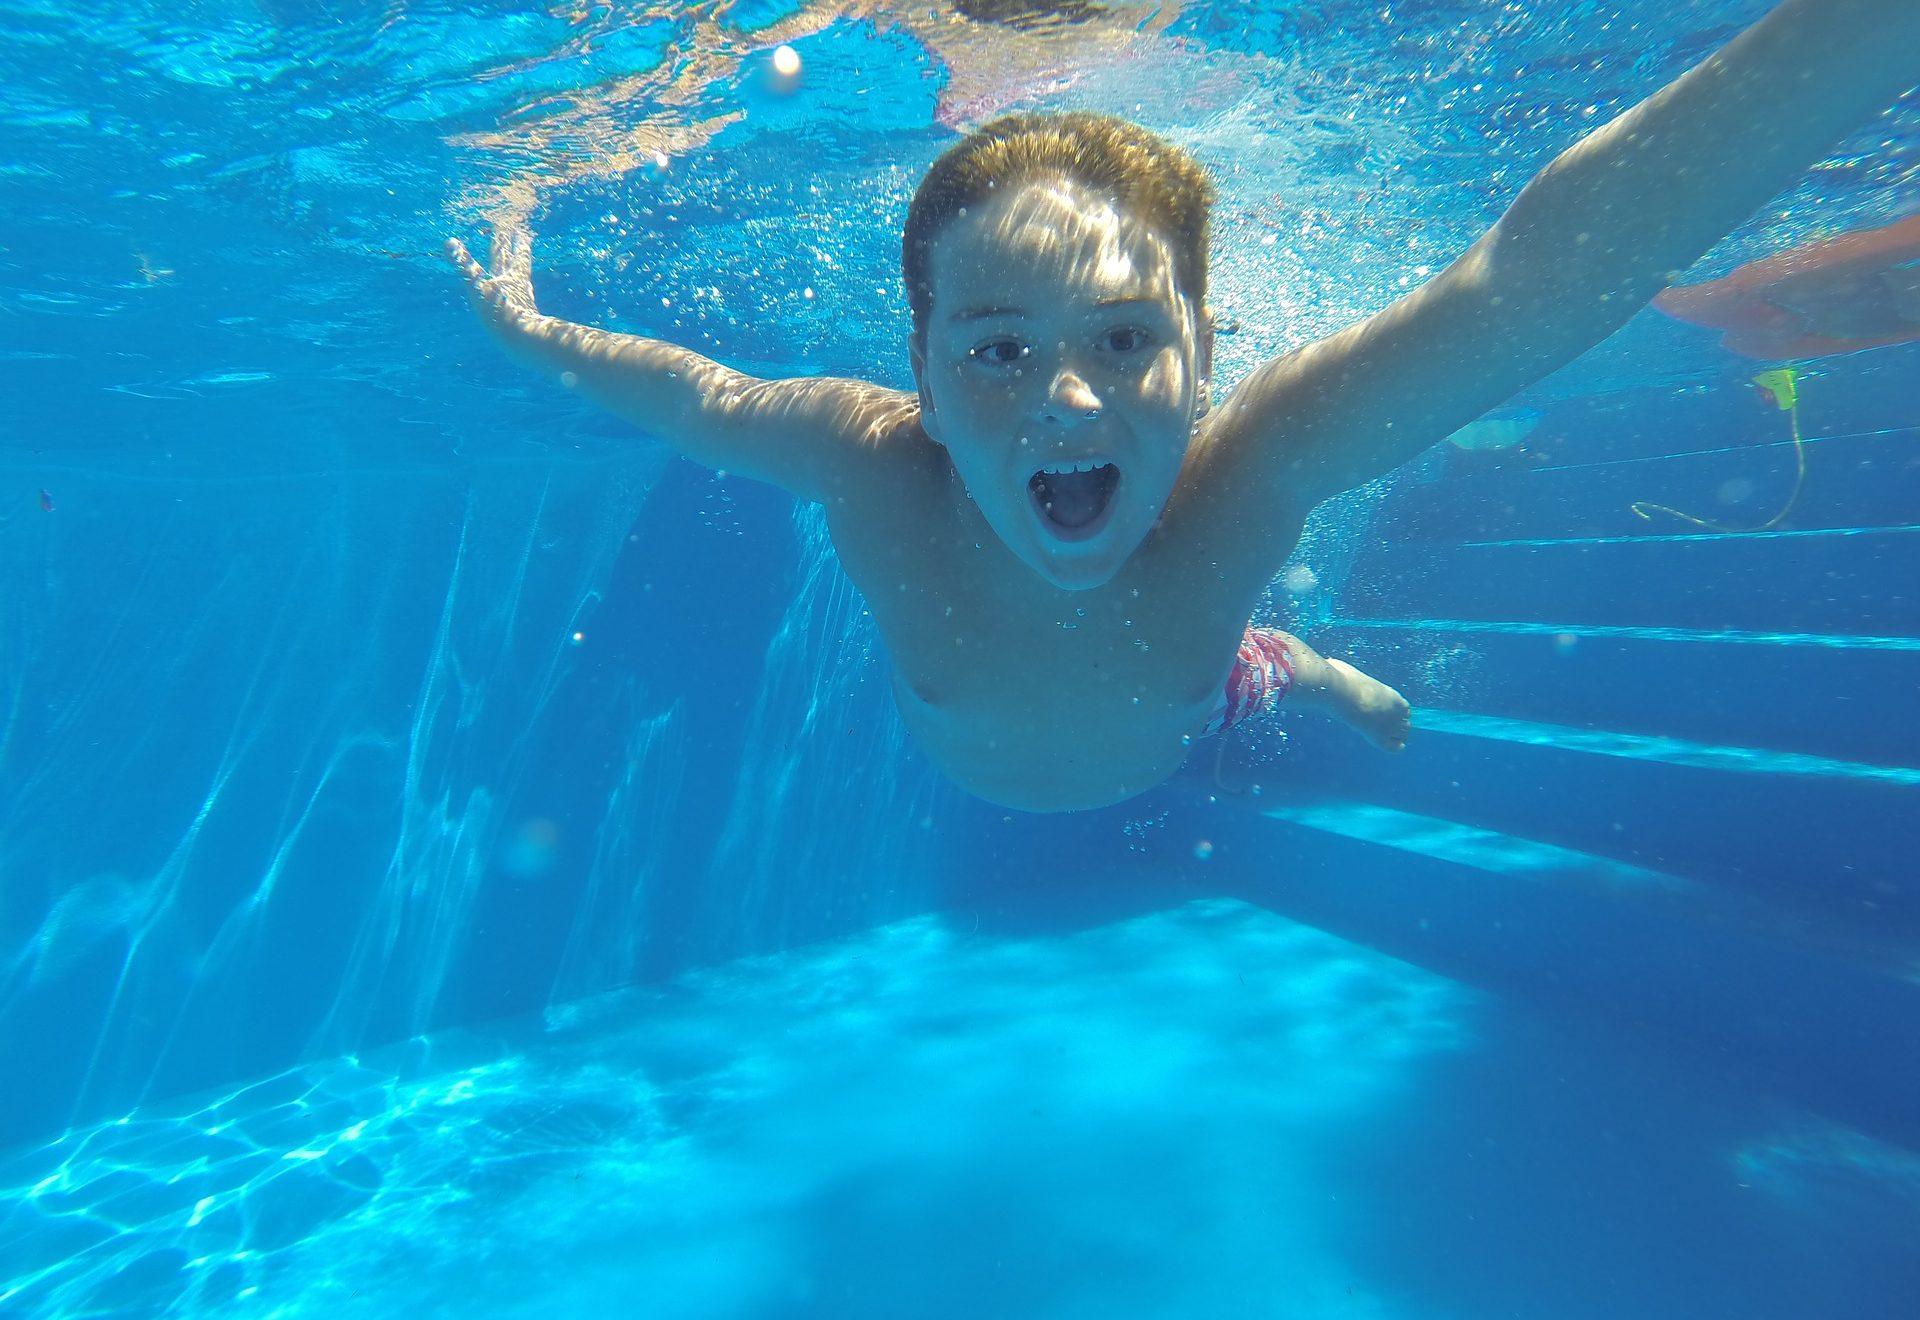 Kind taucht im Schwimmbad